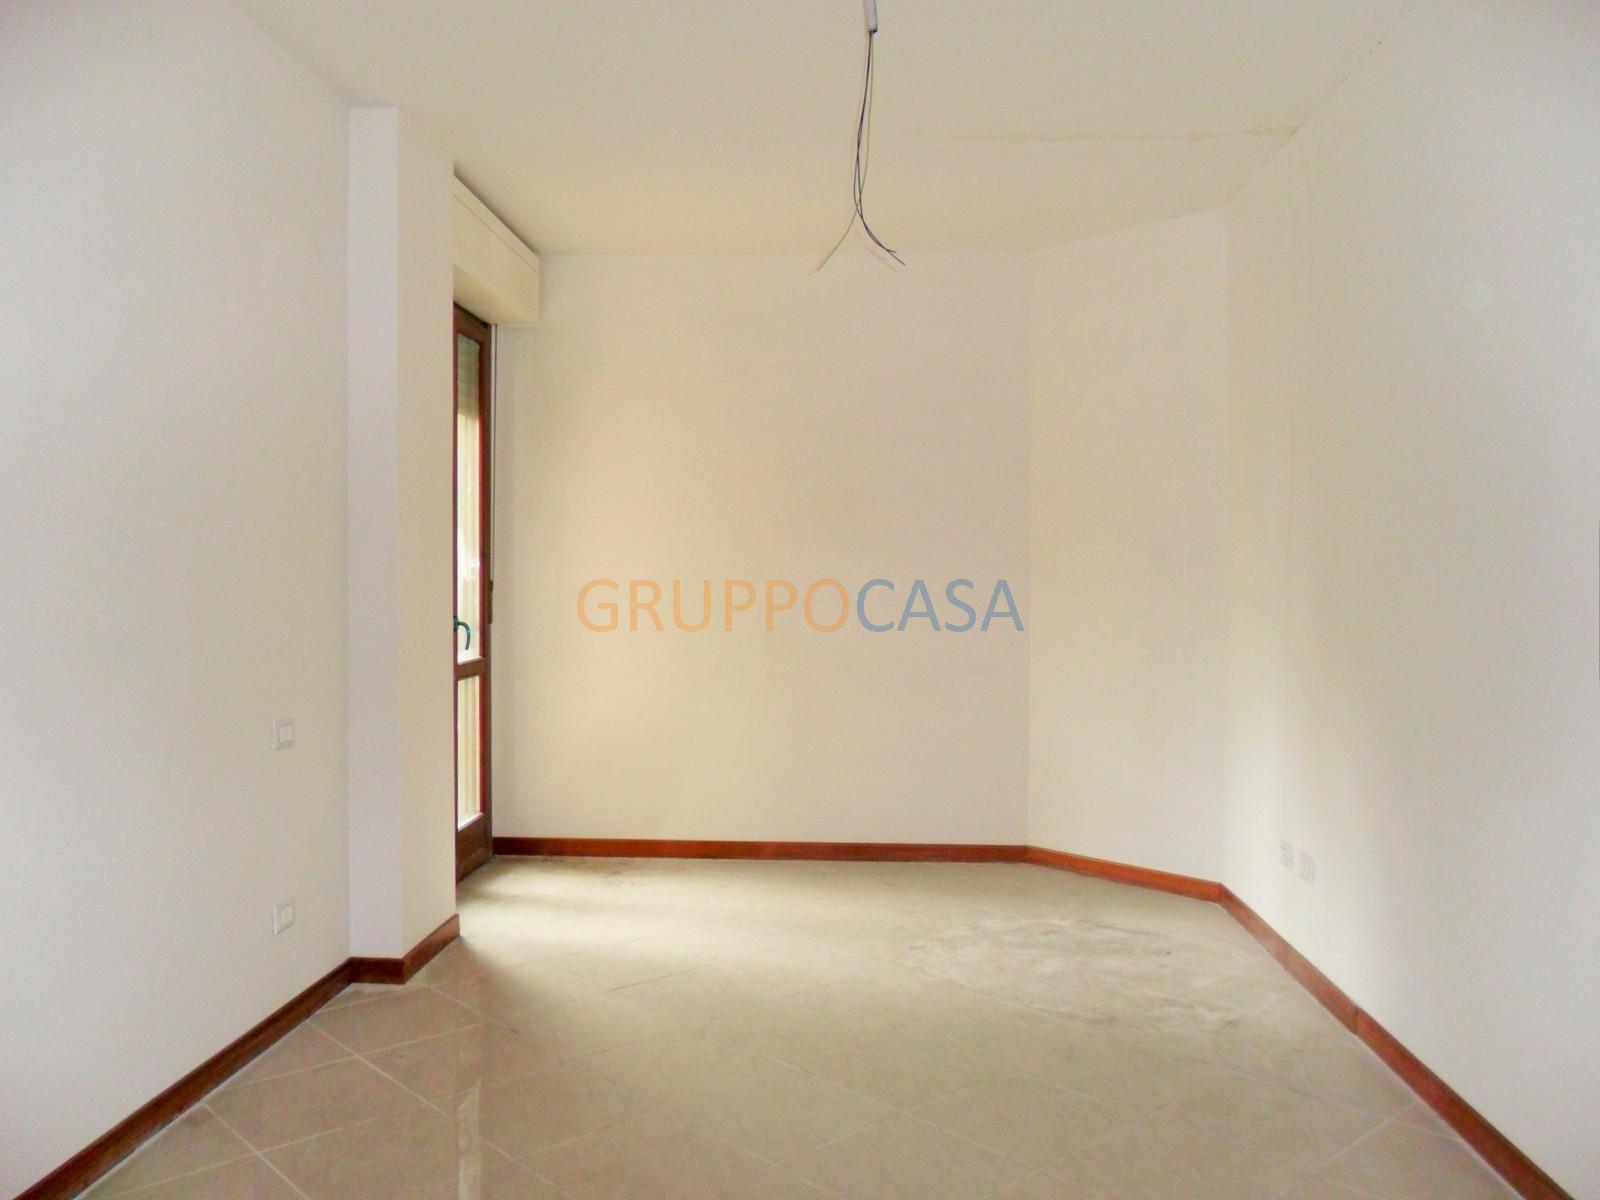 Ufficio / Studio in vendita a Pescia, 9999 locali, zona Località: Centro, prezzo € 140.000 | CambioCasa.it